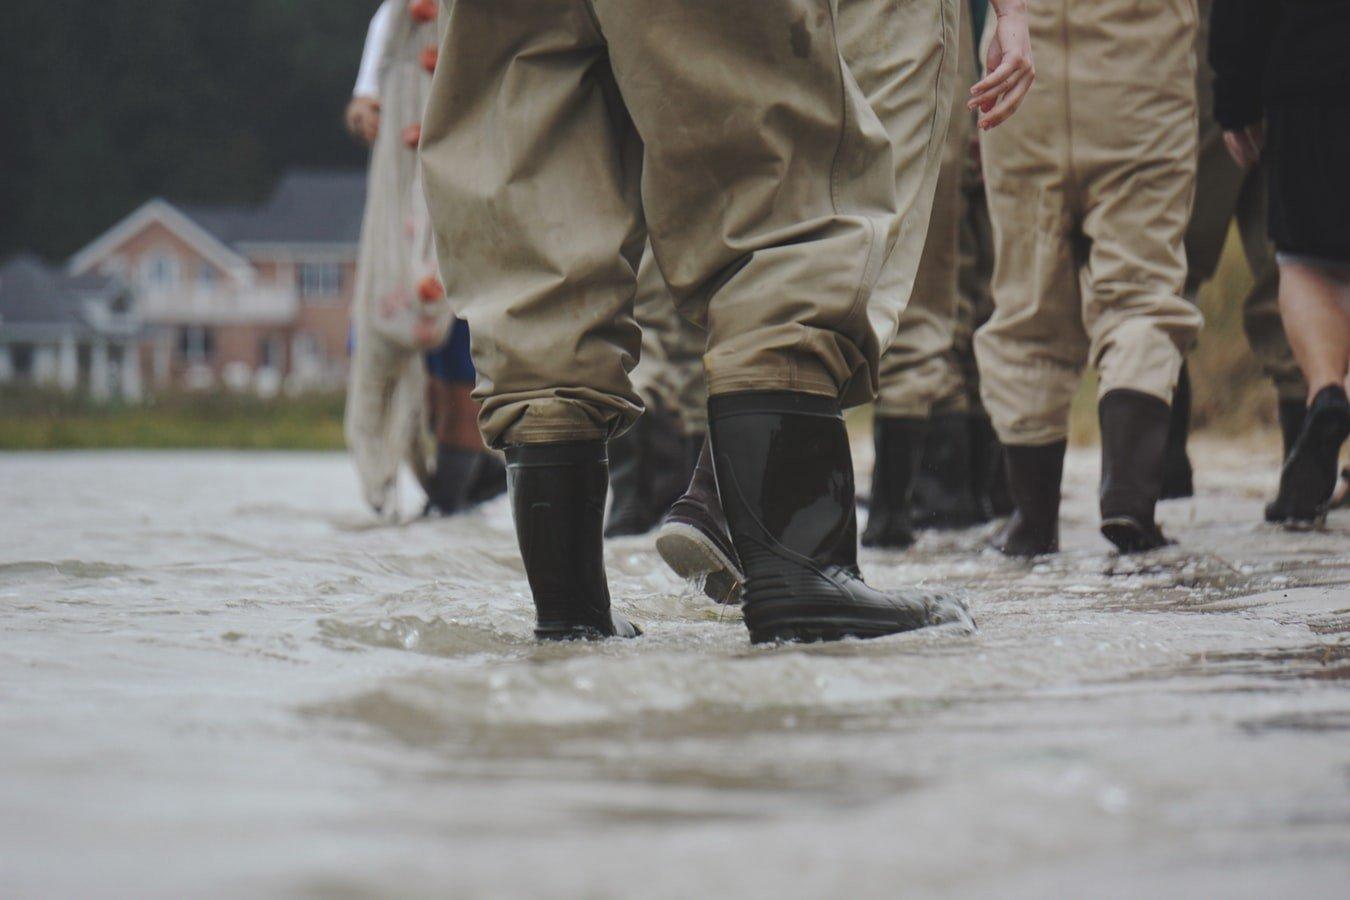 gum-boots-water-TBEP-public-domain